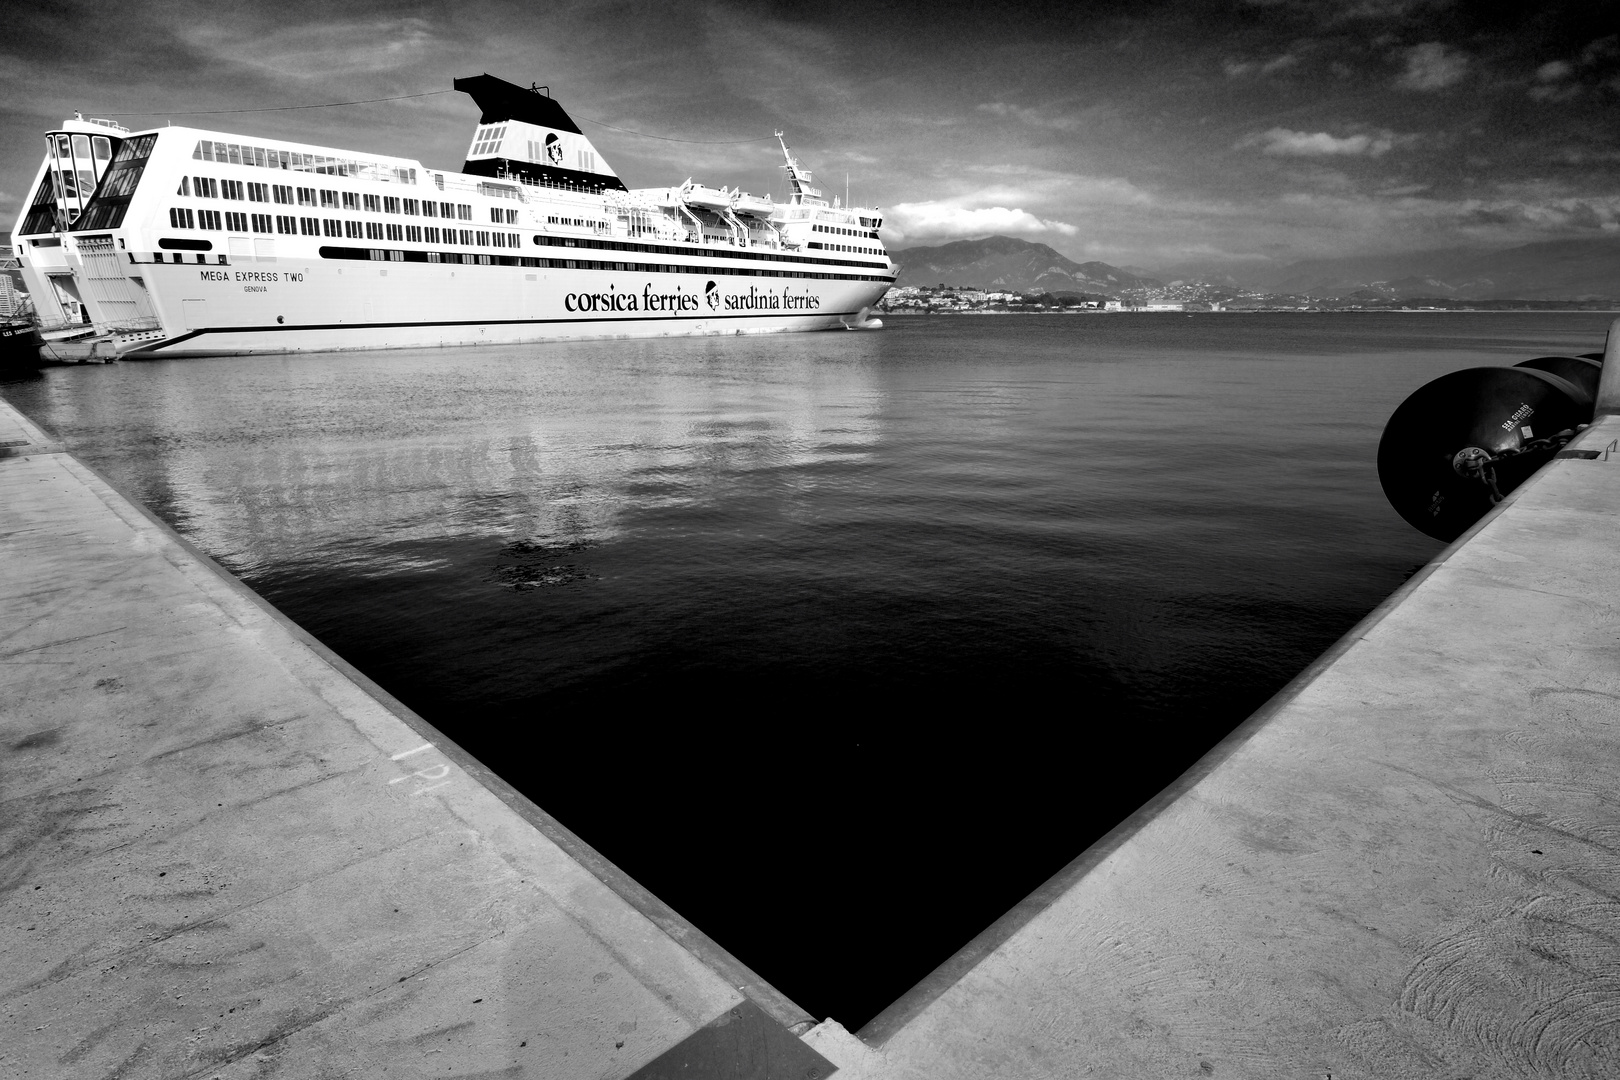 Le triangle parfait du port de commerce Charles d'Ornano à Ajaccio